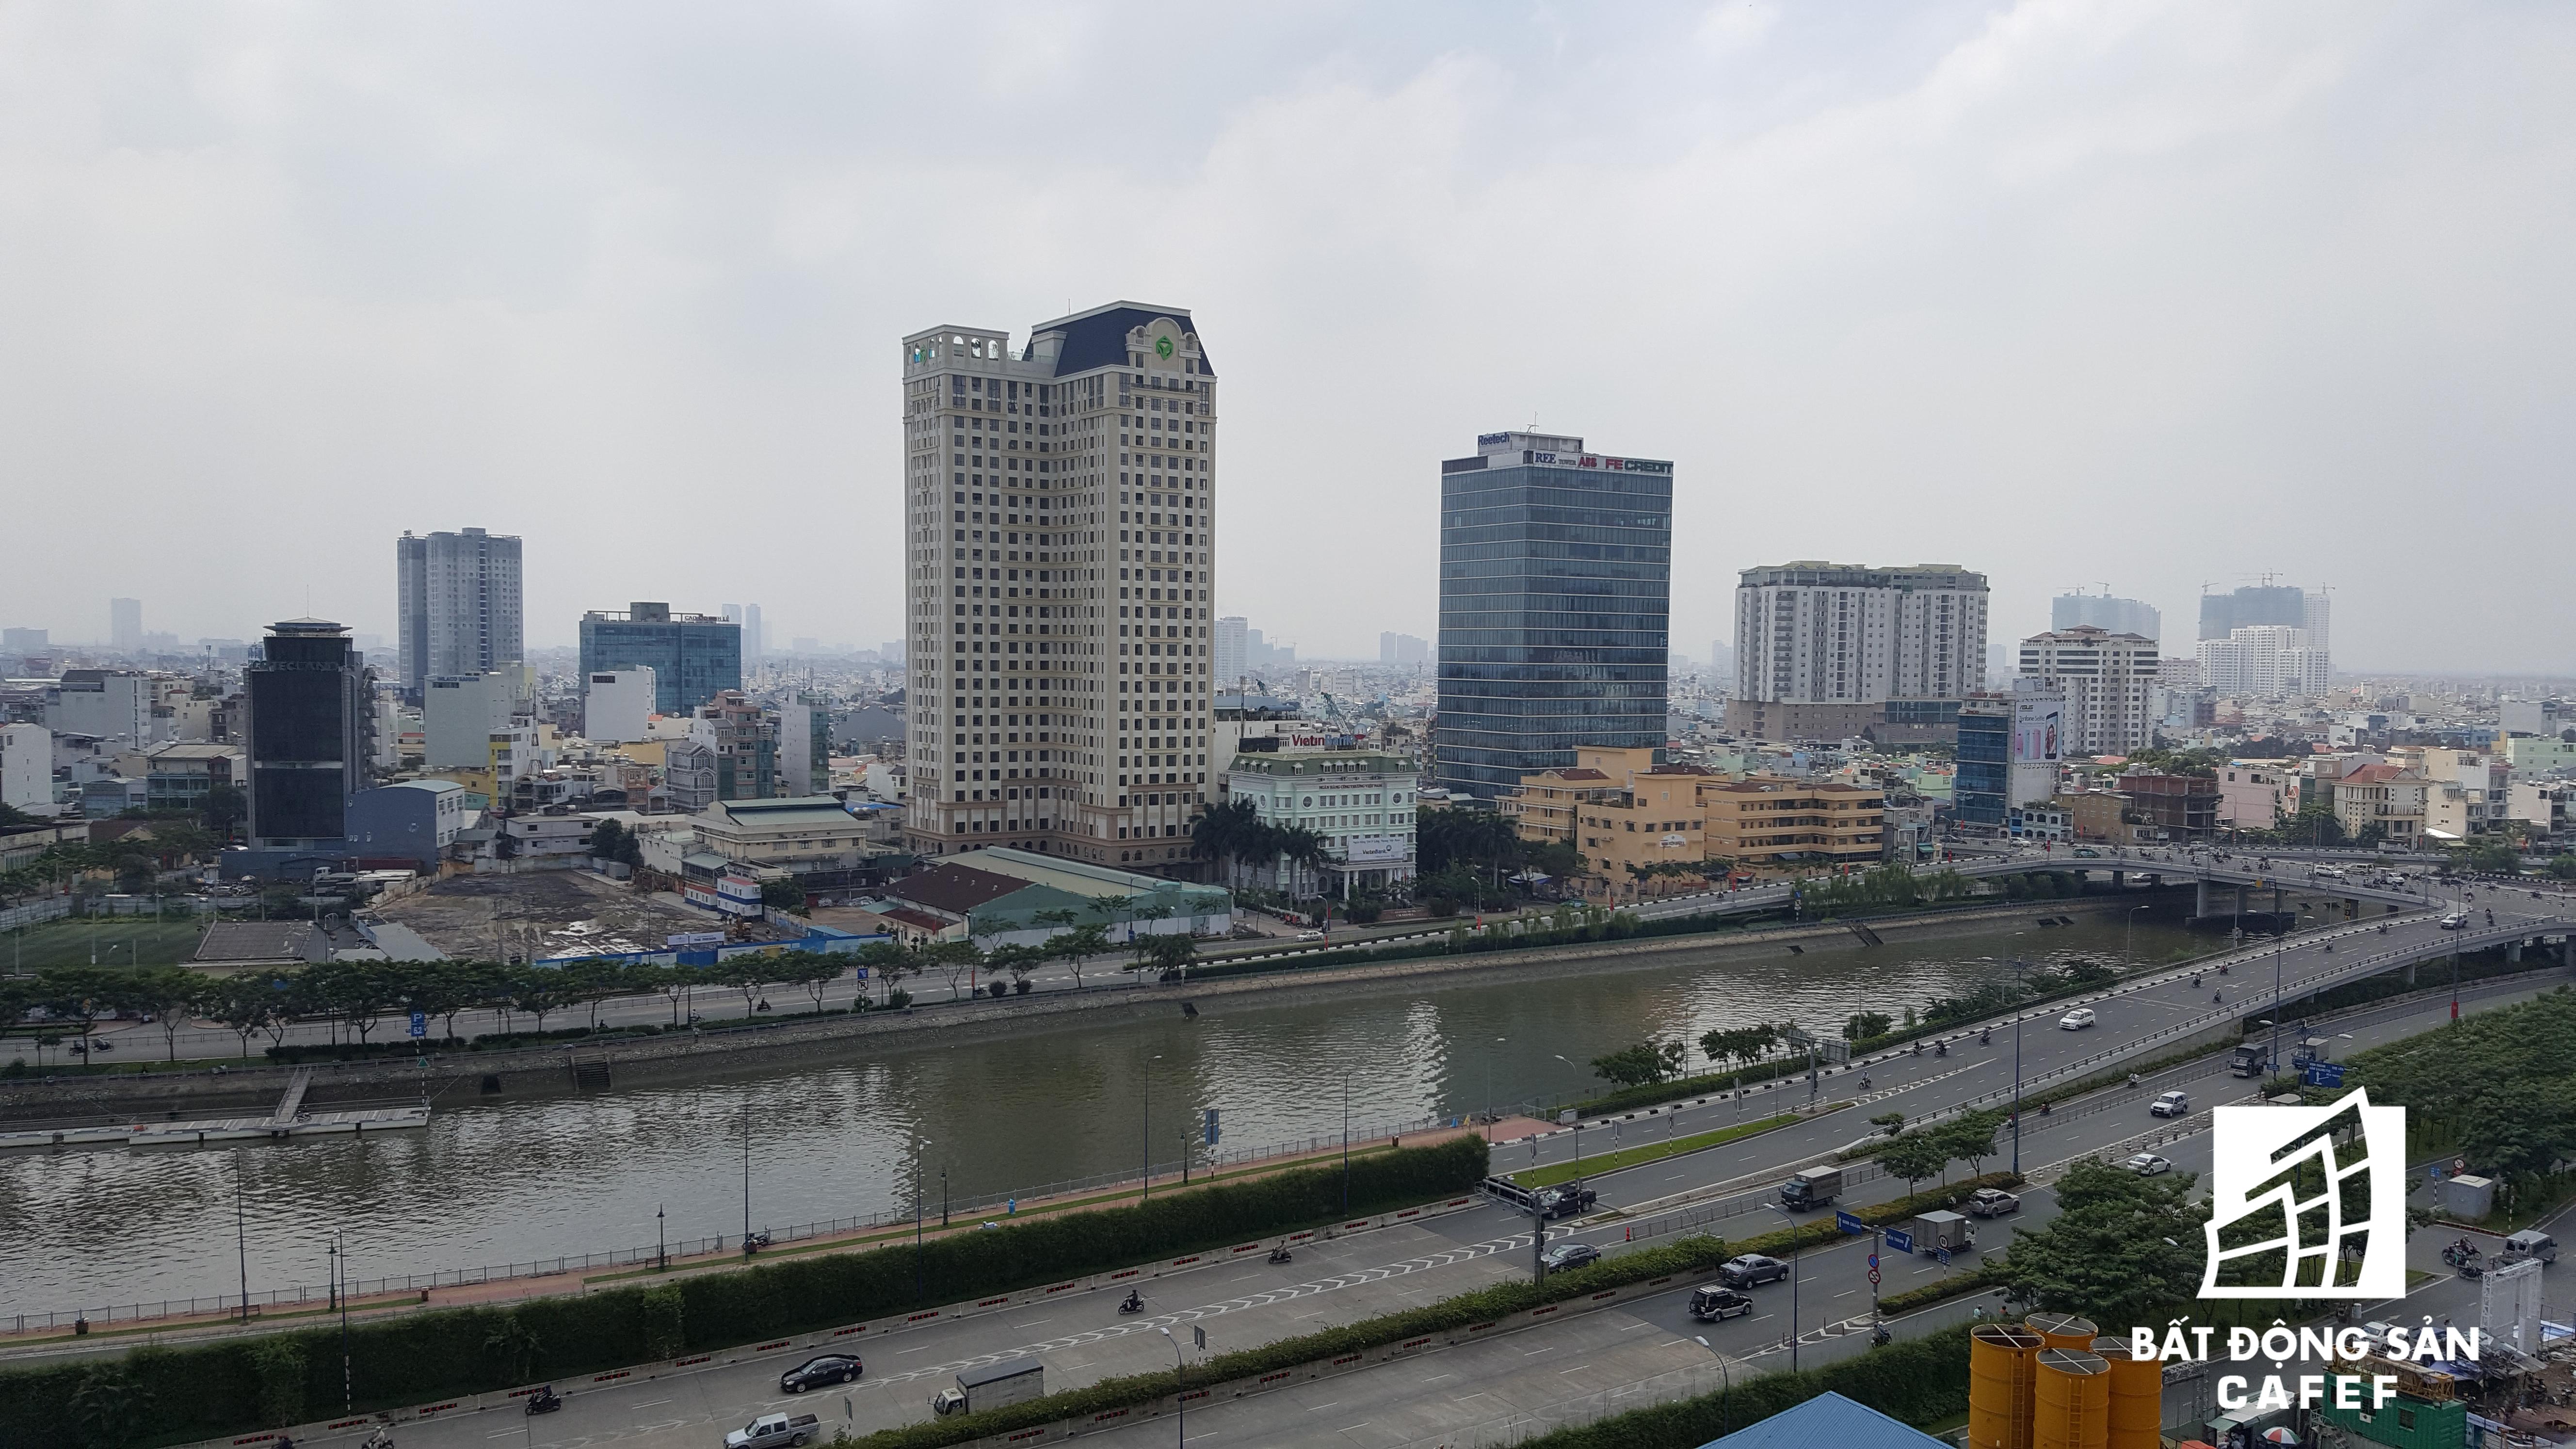 Bến Vân Đồn hiện là một trong những cung đường đắt giá nhất nhì Sài Gòn, chính vì thế mà nhiều dự án chung cư cao cấp đang tranh thị phần tại đây.